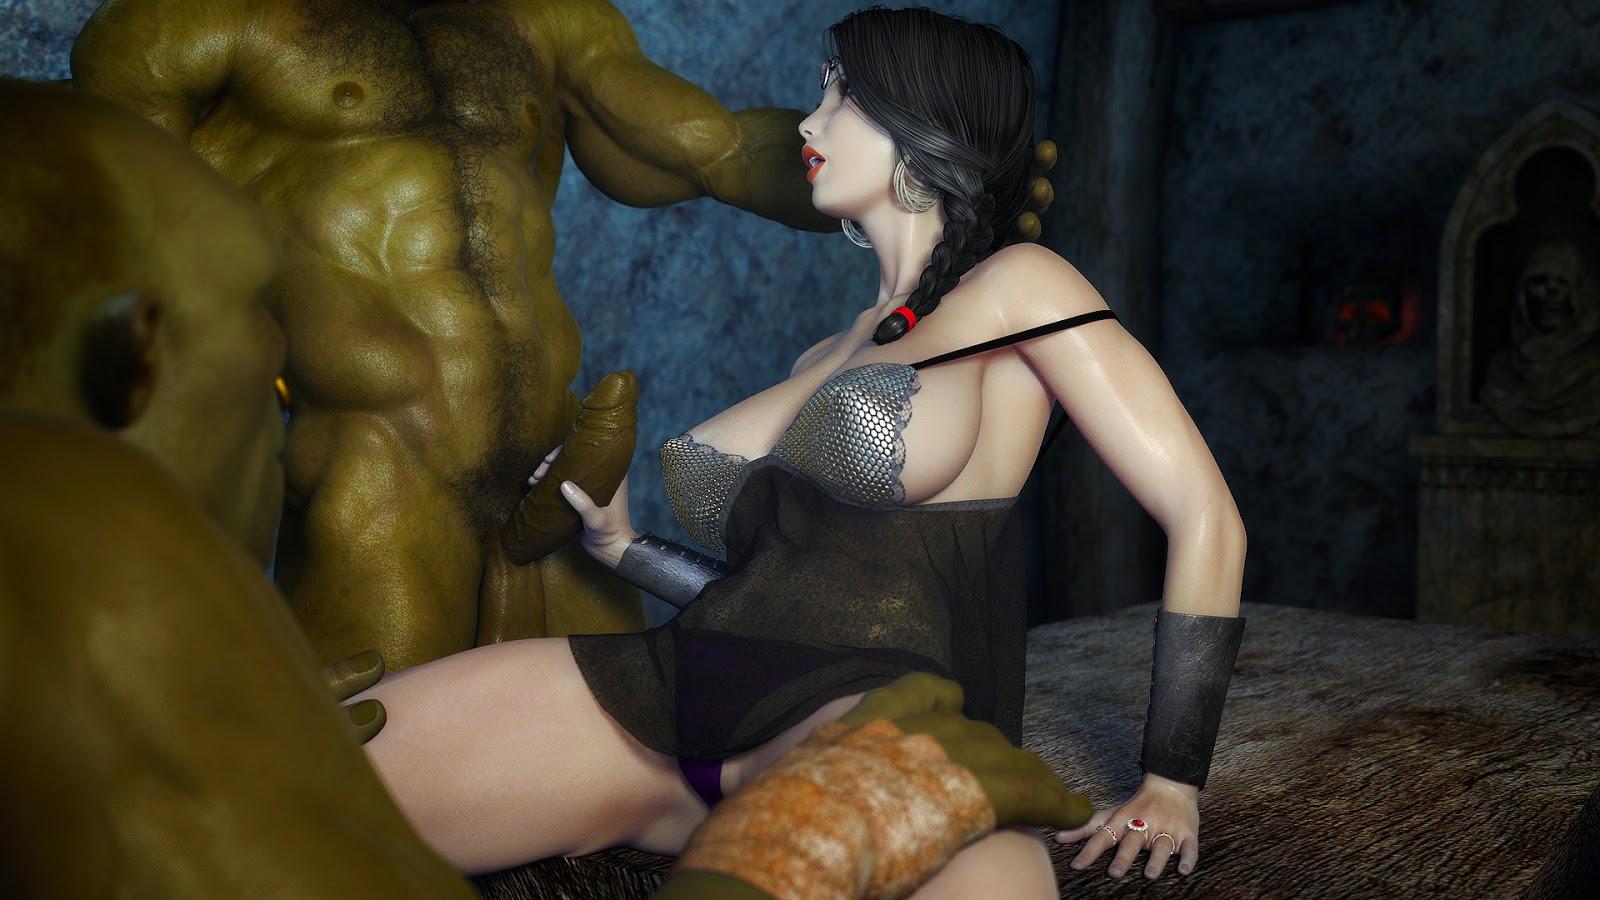 Порно онлайн хентай без цензуры  Откровенное порно видео